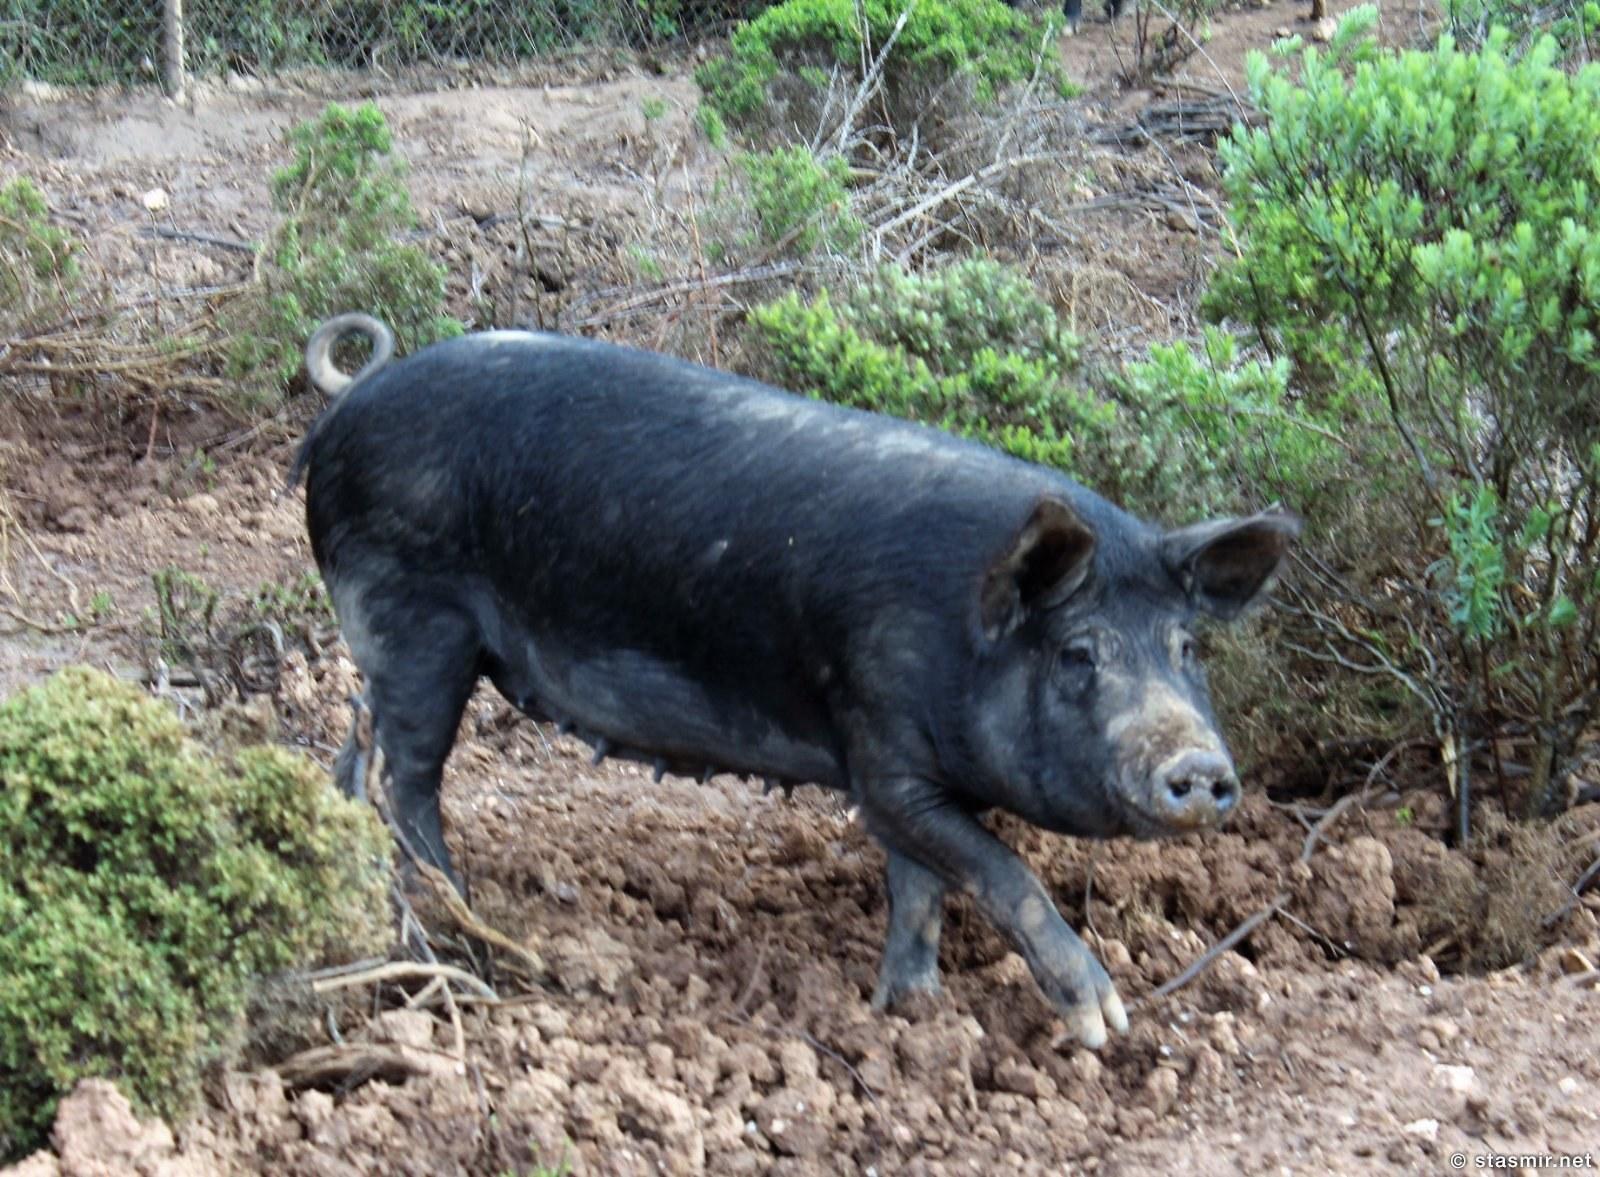 черная иберийская свинья в Алжезуре, Португалия, фото Стасмир, Photo Stasmir